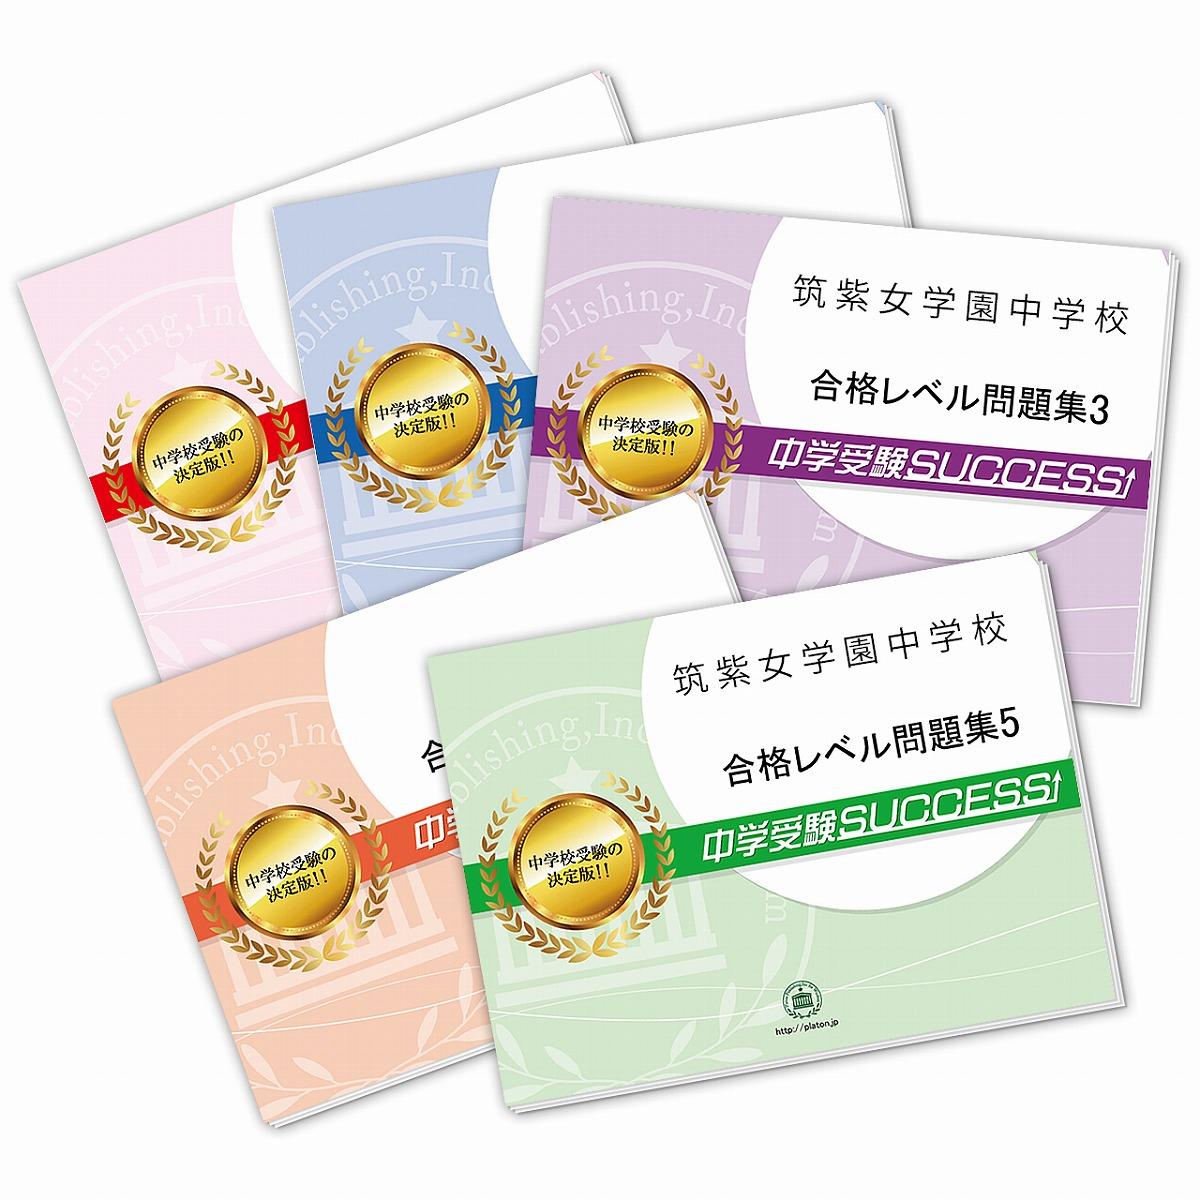 【送料・代引手数料無料】筑紫女学園中学校・直前対策合格セット(5冊)